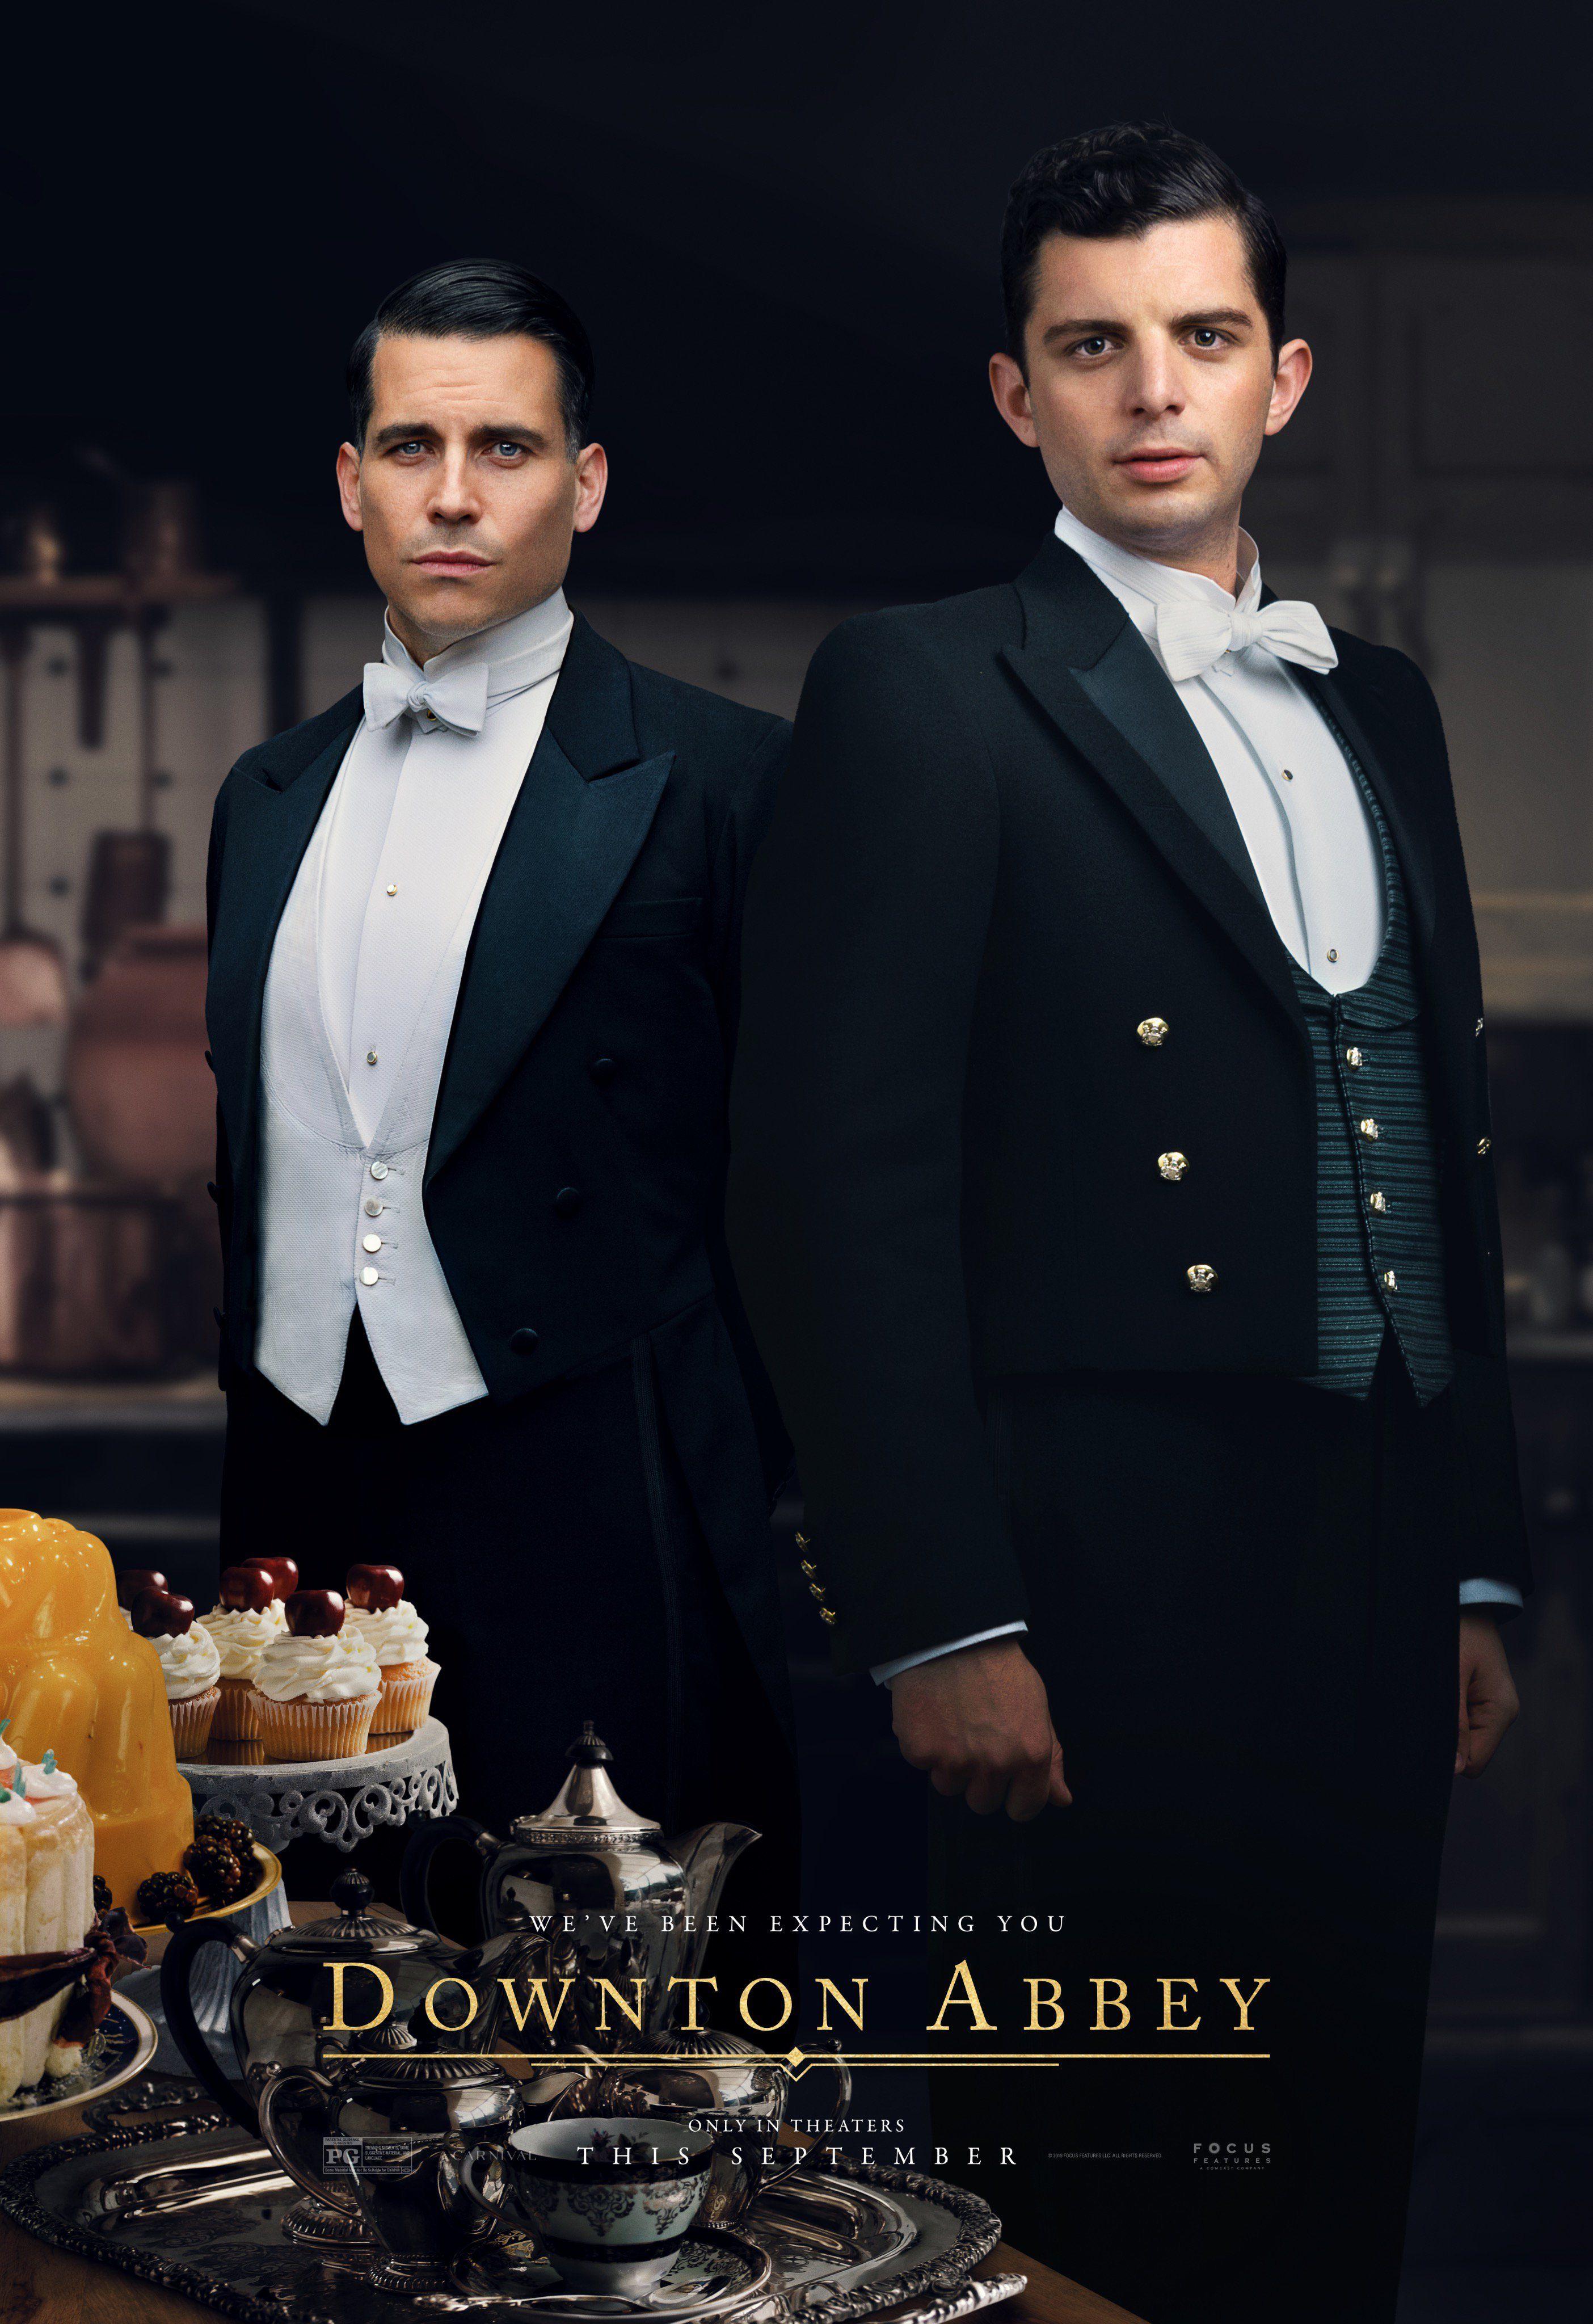 Downton Abbey movie poster Downton abbey movie, Downton